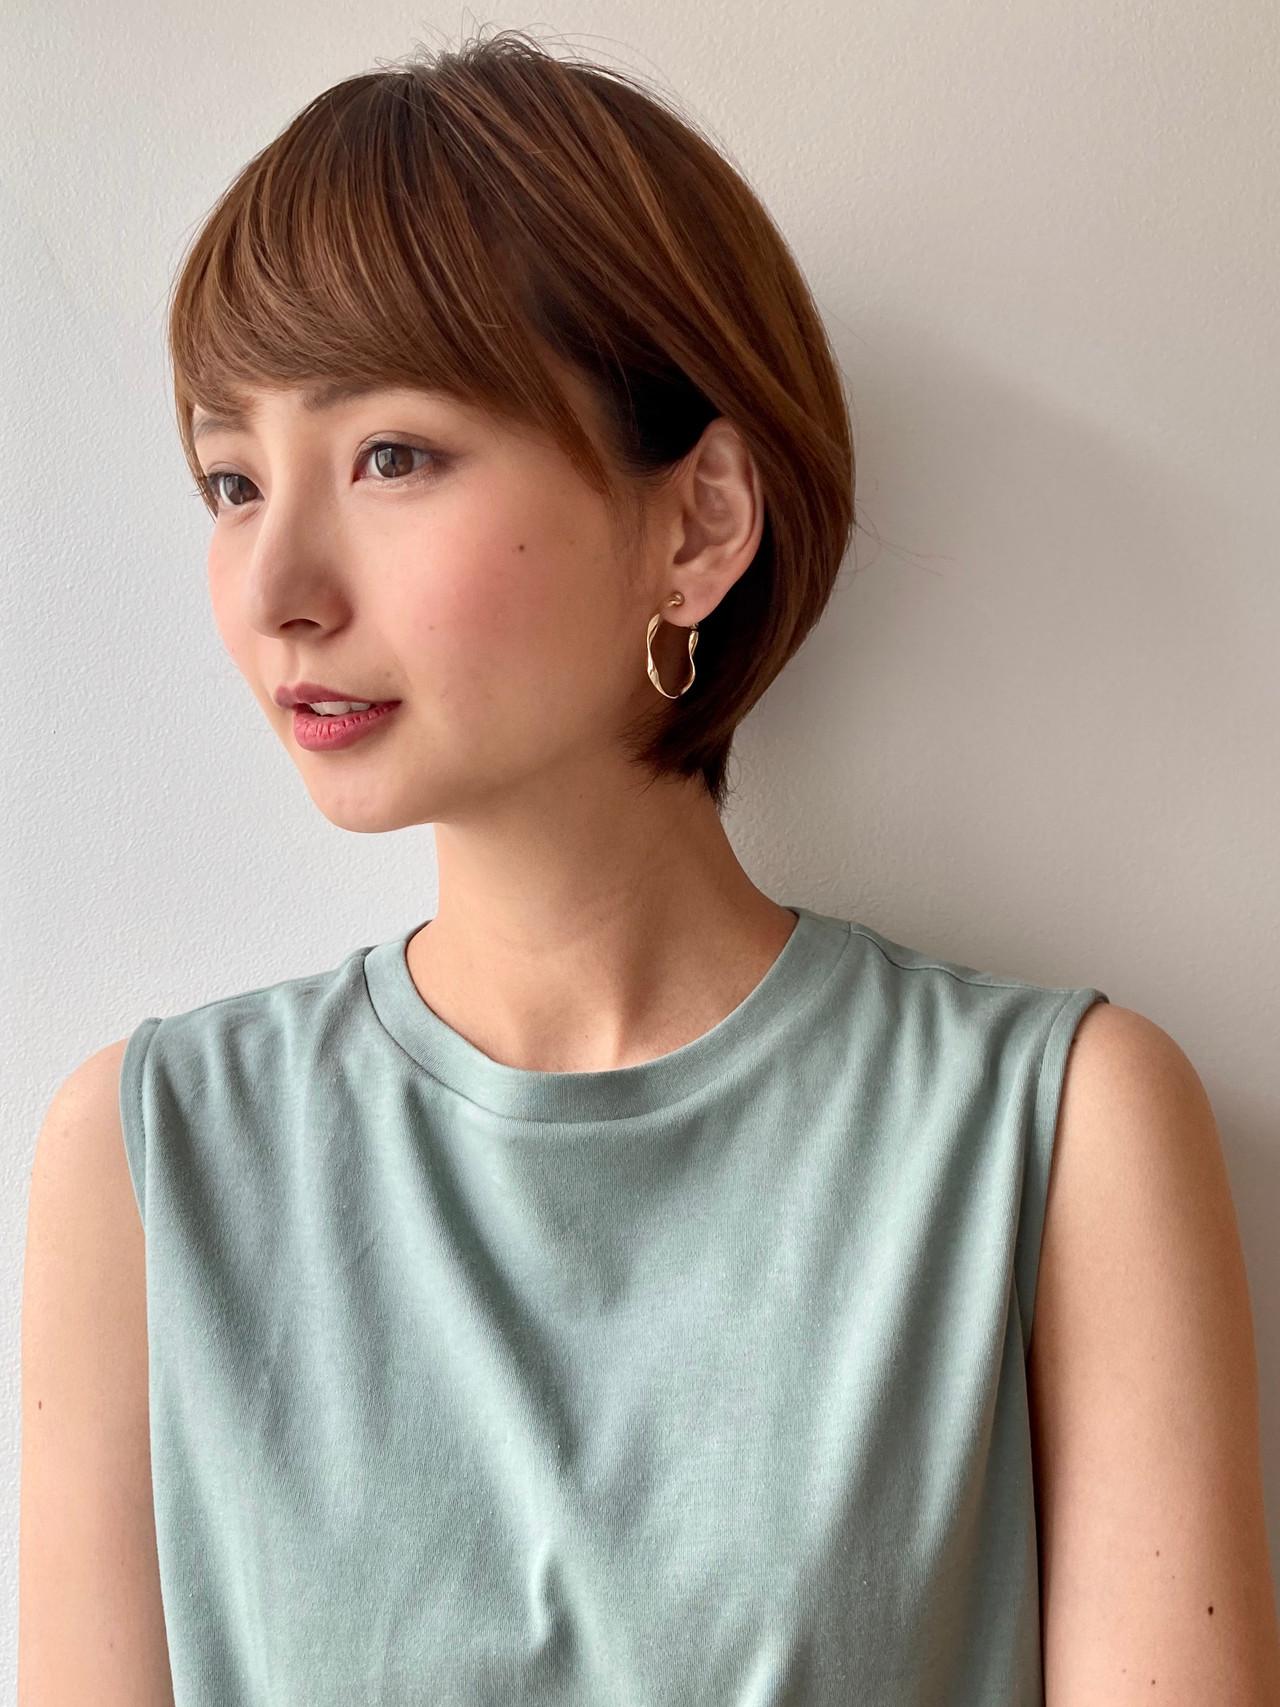 デジタルパーマ ショート ショートヘア 丸みショート ヘアスタイルや髪型の写真・画像